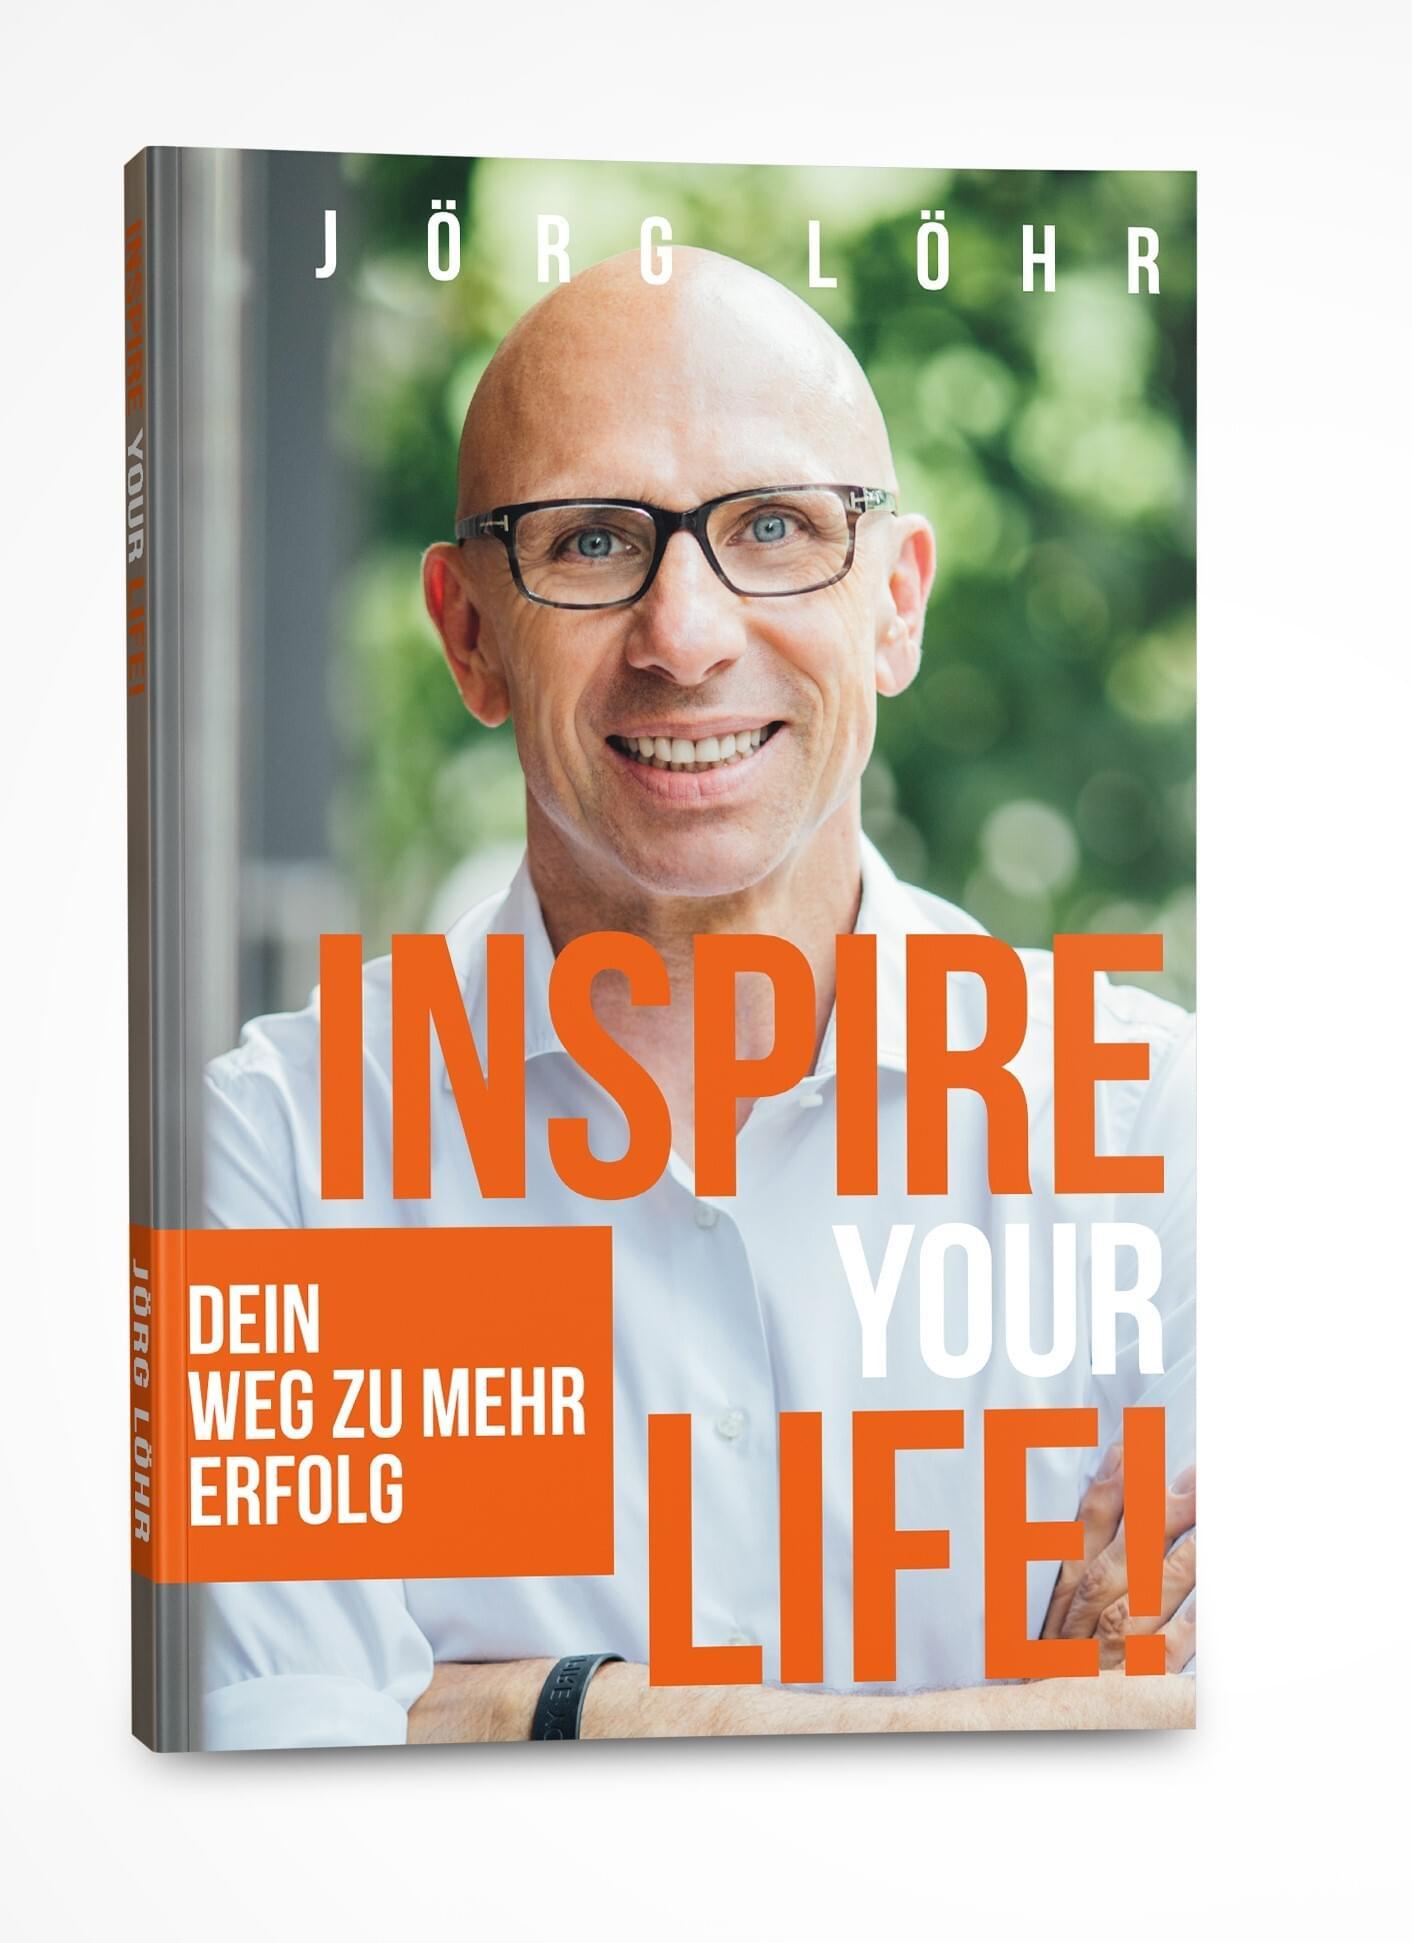 joergloehr_inspire_your_life